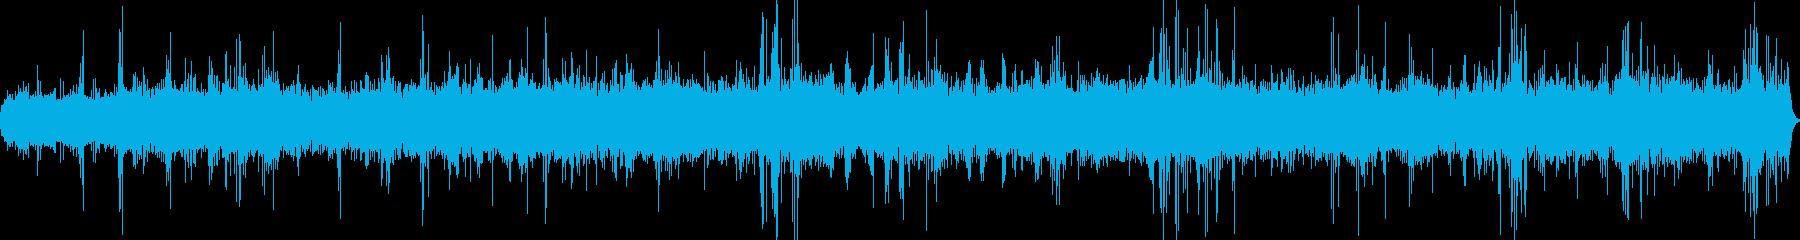 振子時計のモーター音をモチーフにした音楽の再生済みの波形